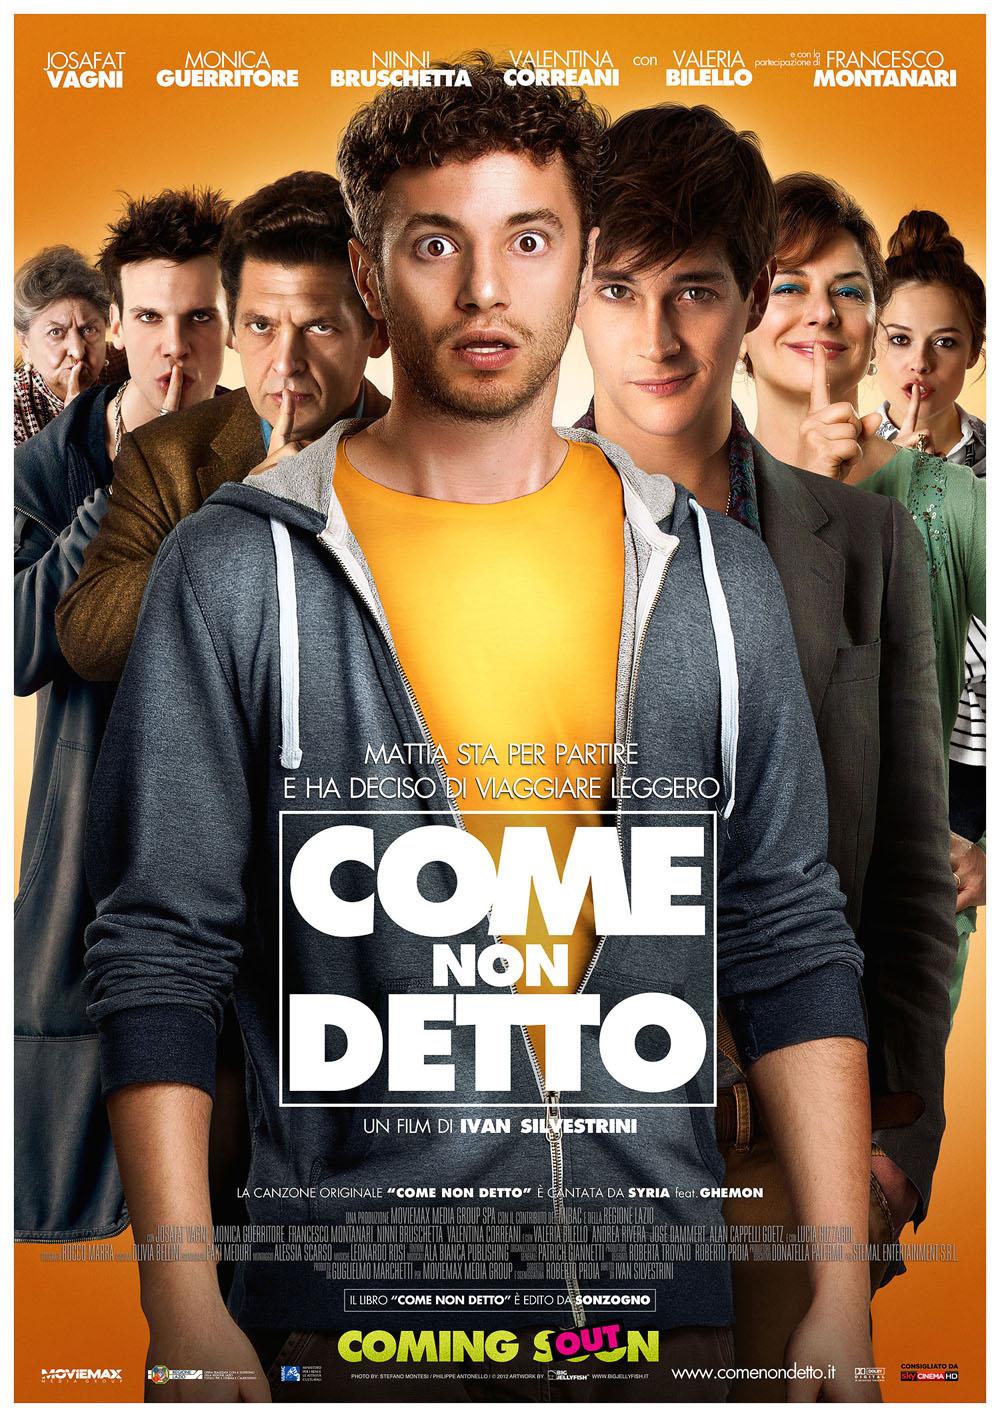 Come non detto... il coming out all'italiana!